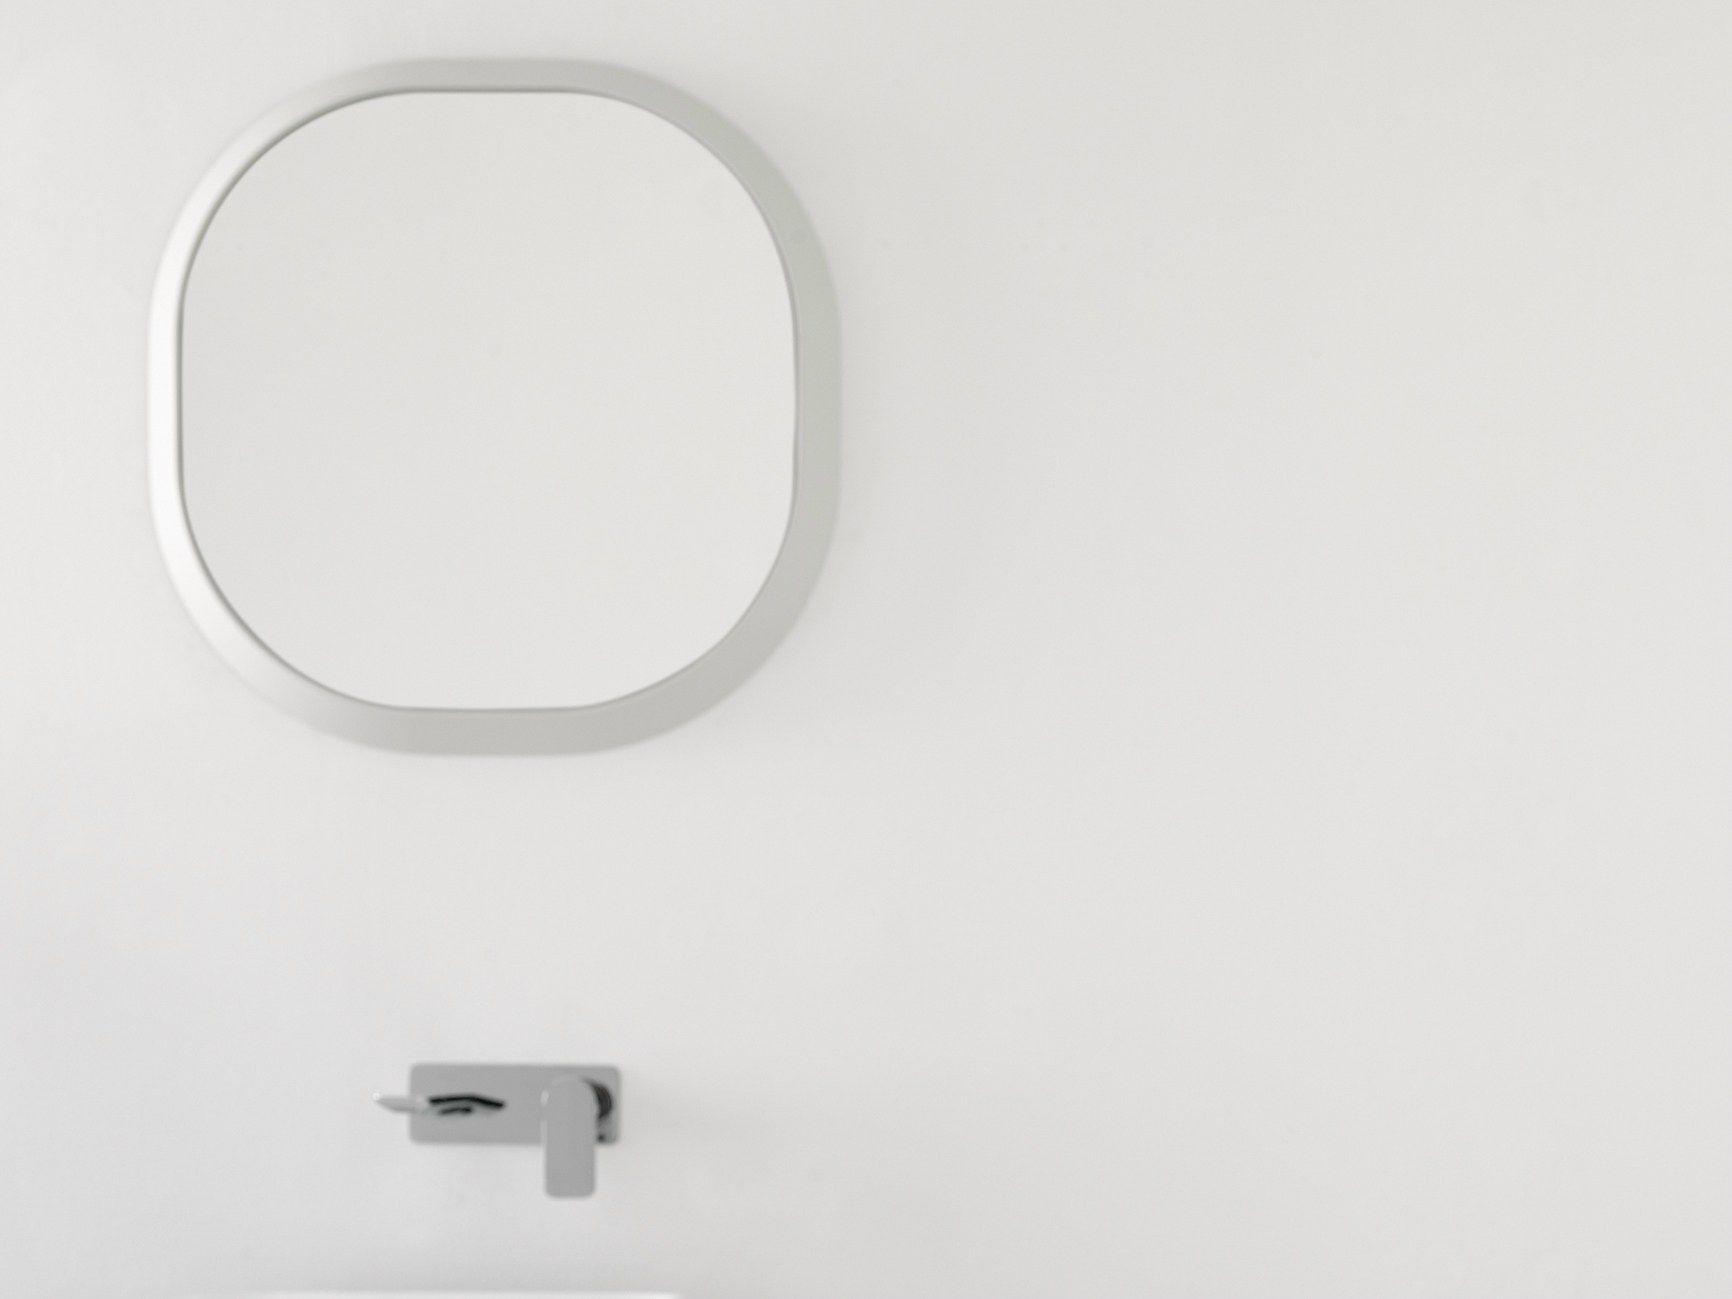 Imagens de #6A6761 Espelho moldurado para banheiro FLUENT Espelho redondo INBANI 1732x1299 px 3392 Bloco Cad Espelho Banheiro